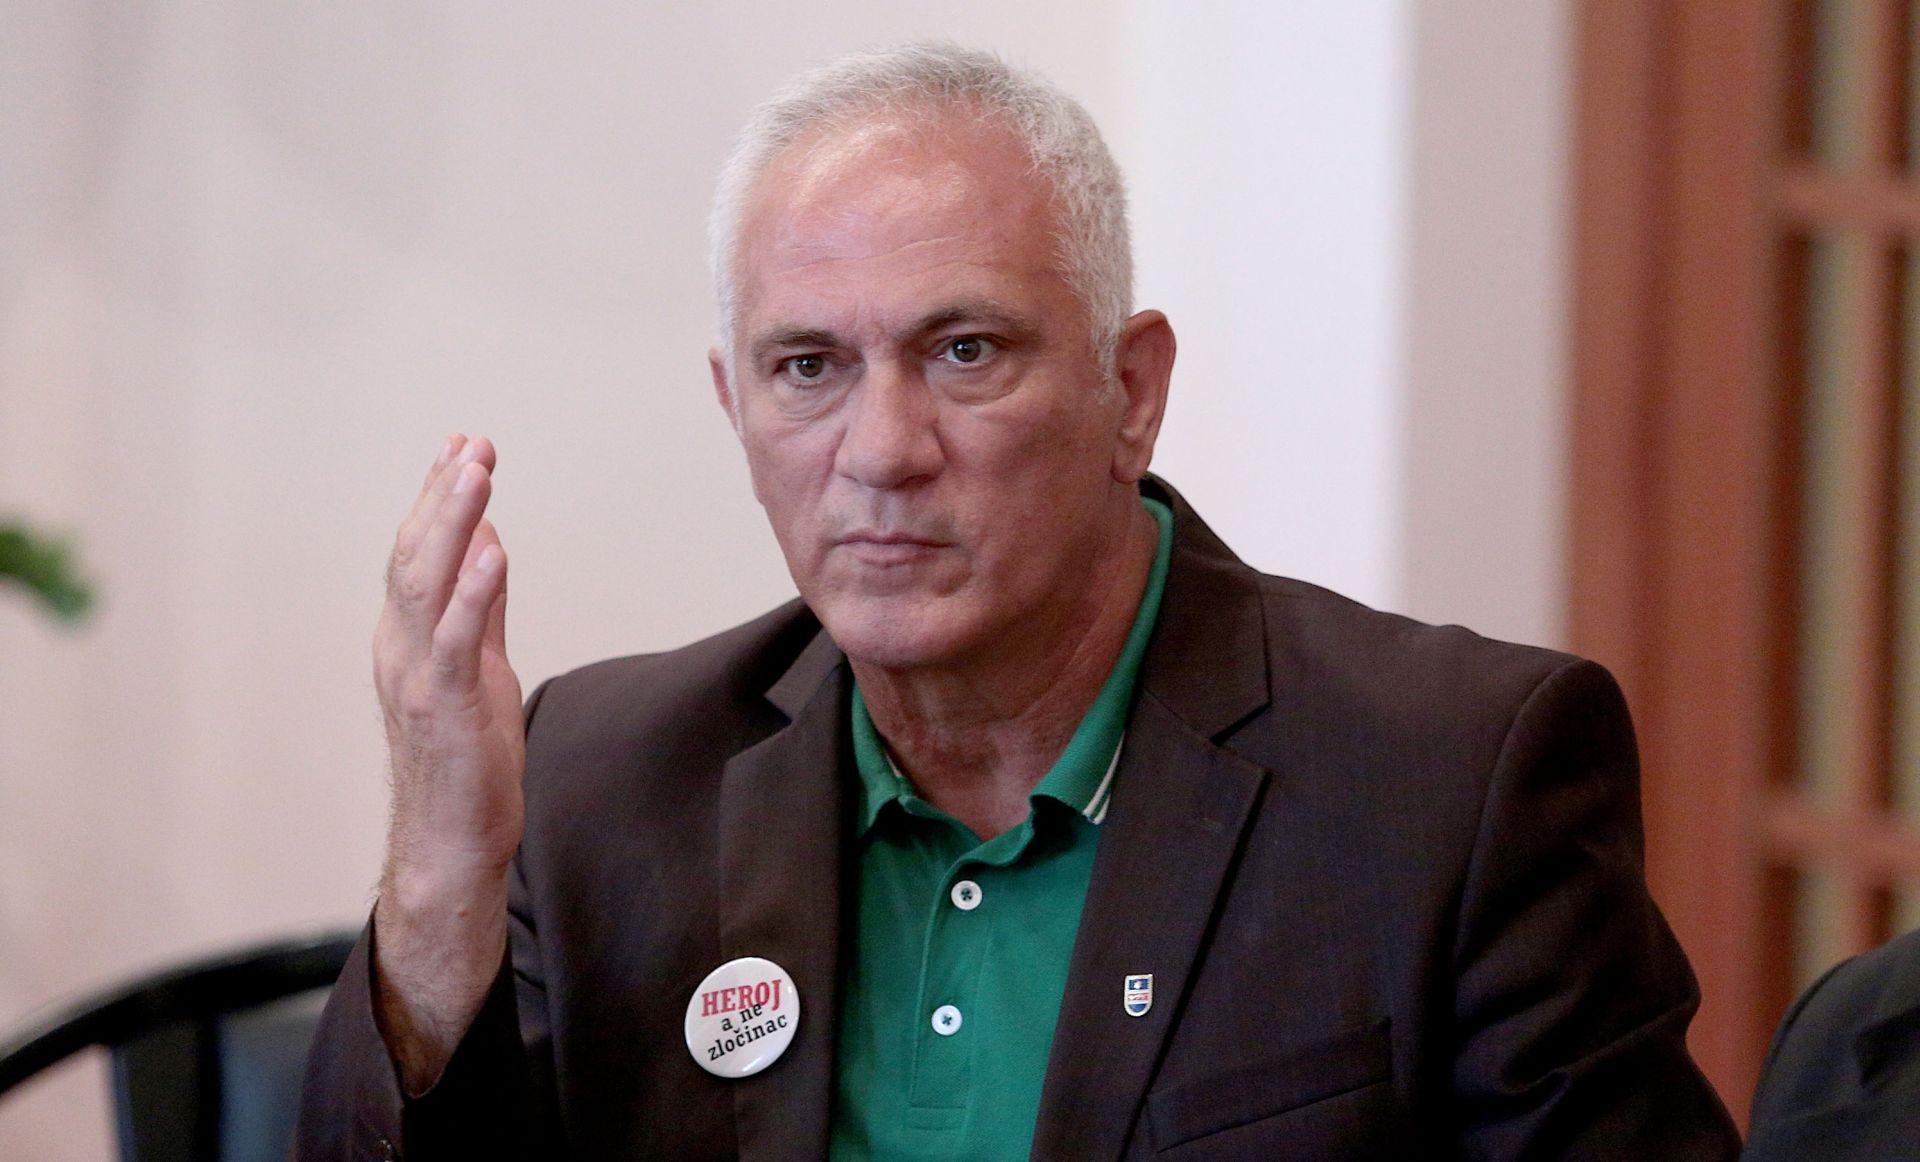 Boro Grubišić: Jutros sam SMS-om dao ostavku, no sad je nebitno – moja ostavka ili odluka Suda časti